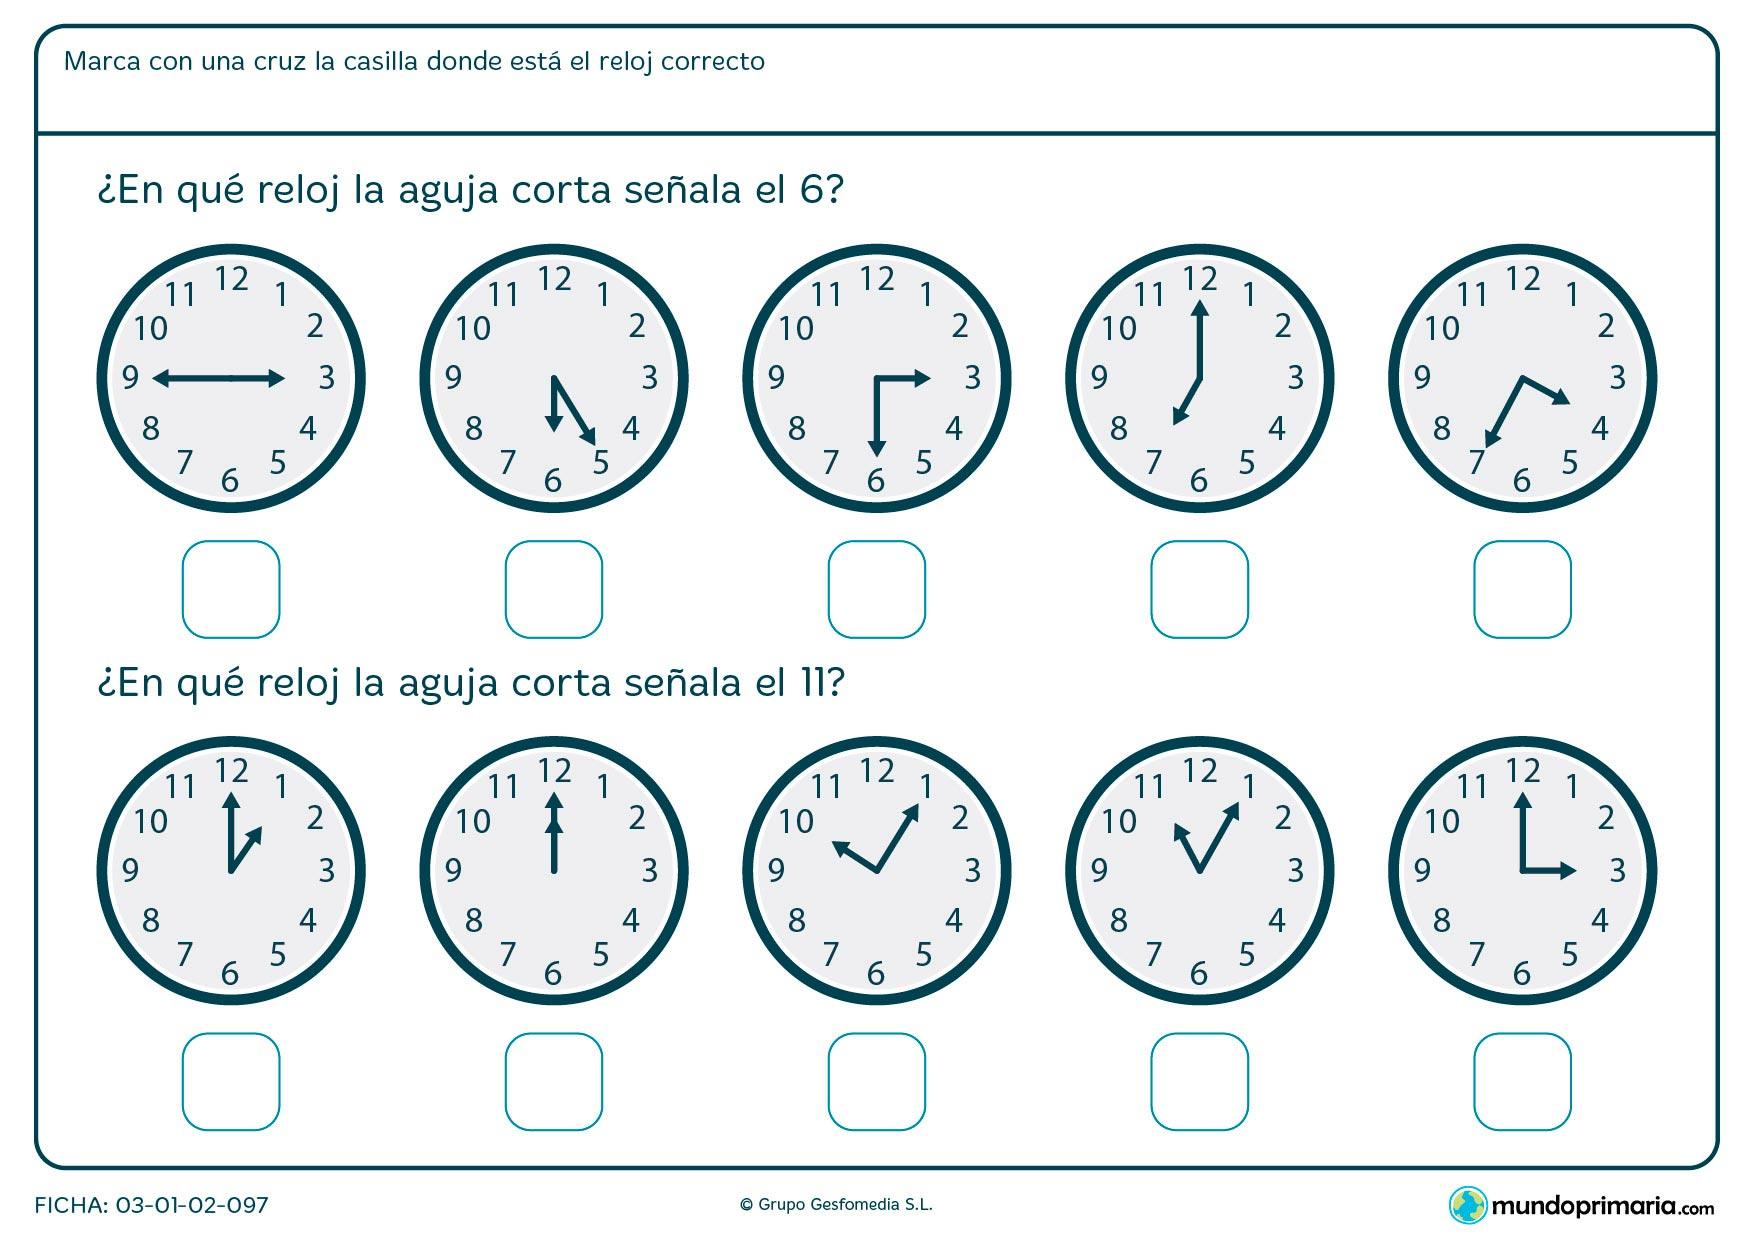 Ficha de qué marca la aguja del reloj para decir en qué reloj son las 6 en punto y en cuál las 11 en punto.